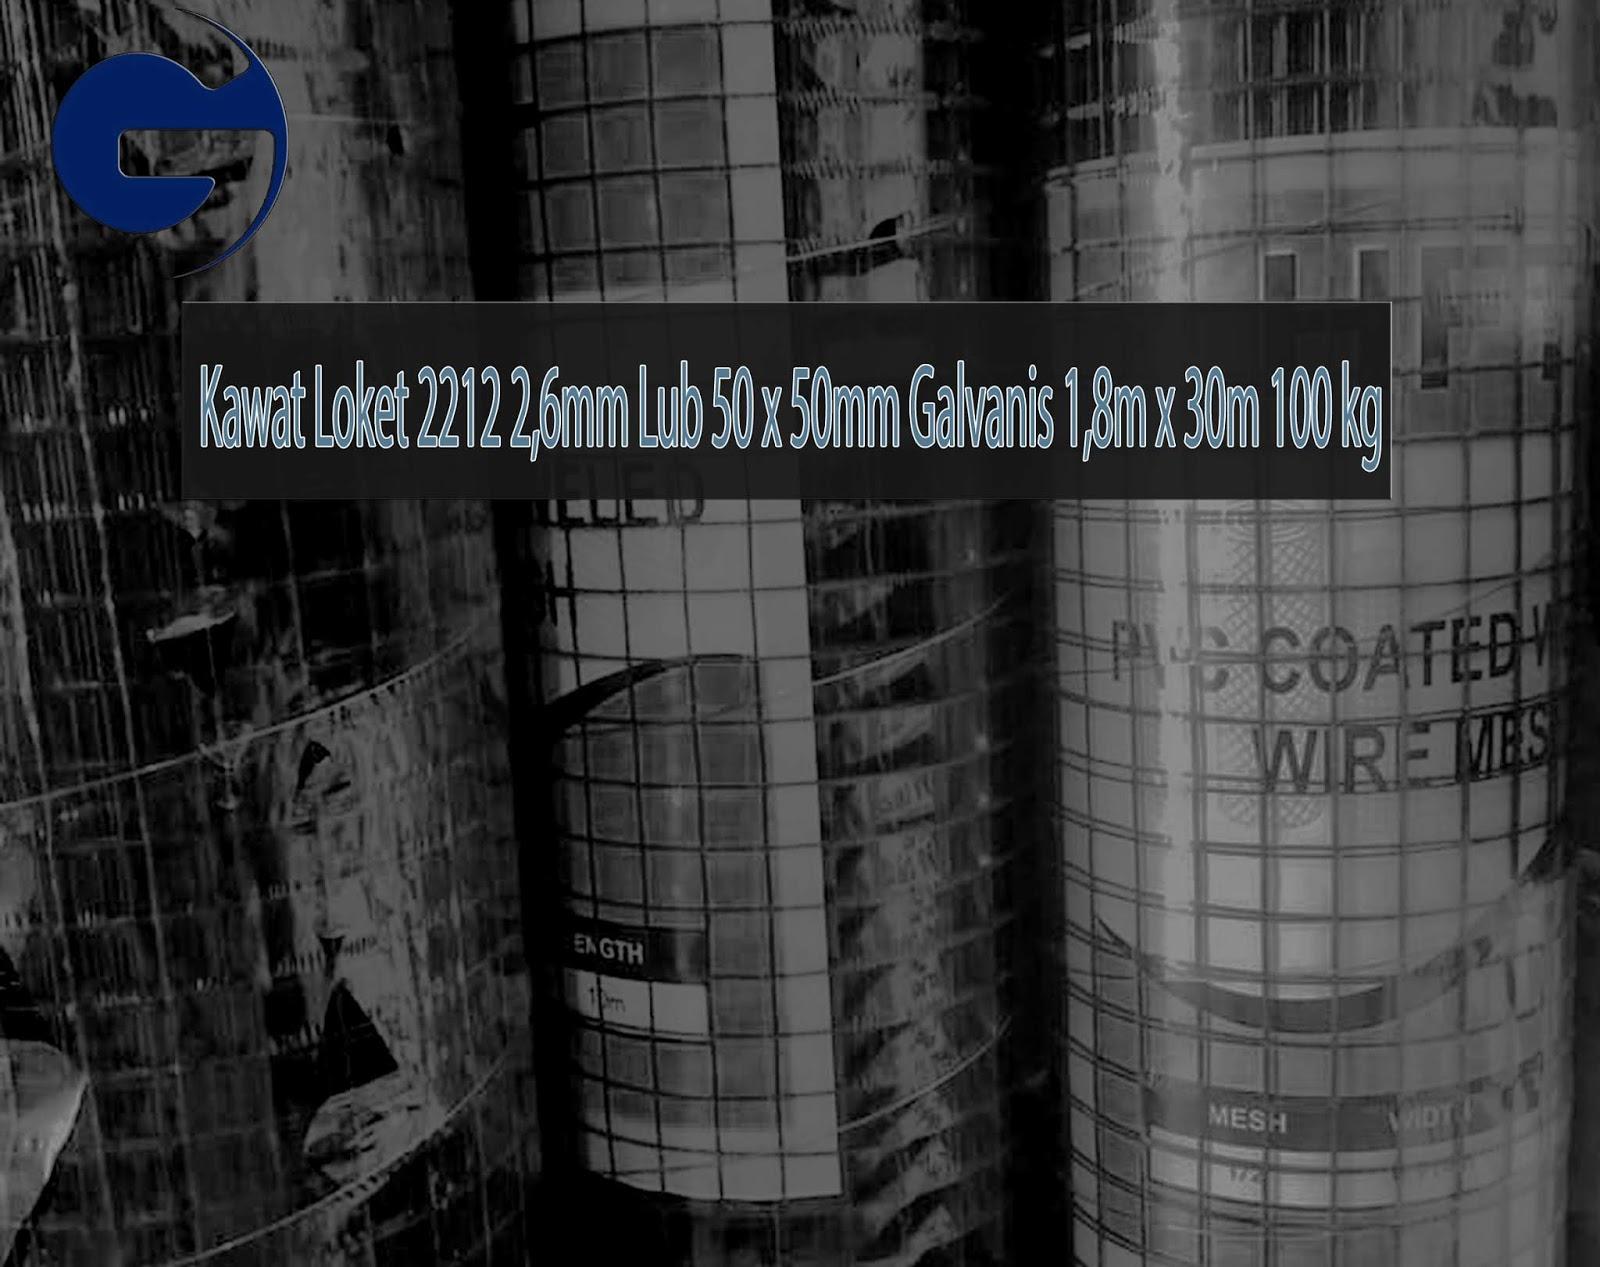 Jual Kawat Loket 2212 2,6mm Lub 50 x 50mm Galvanis 1,8m x 30m 100kg